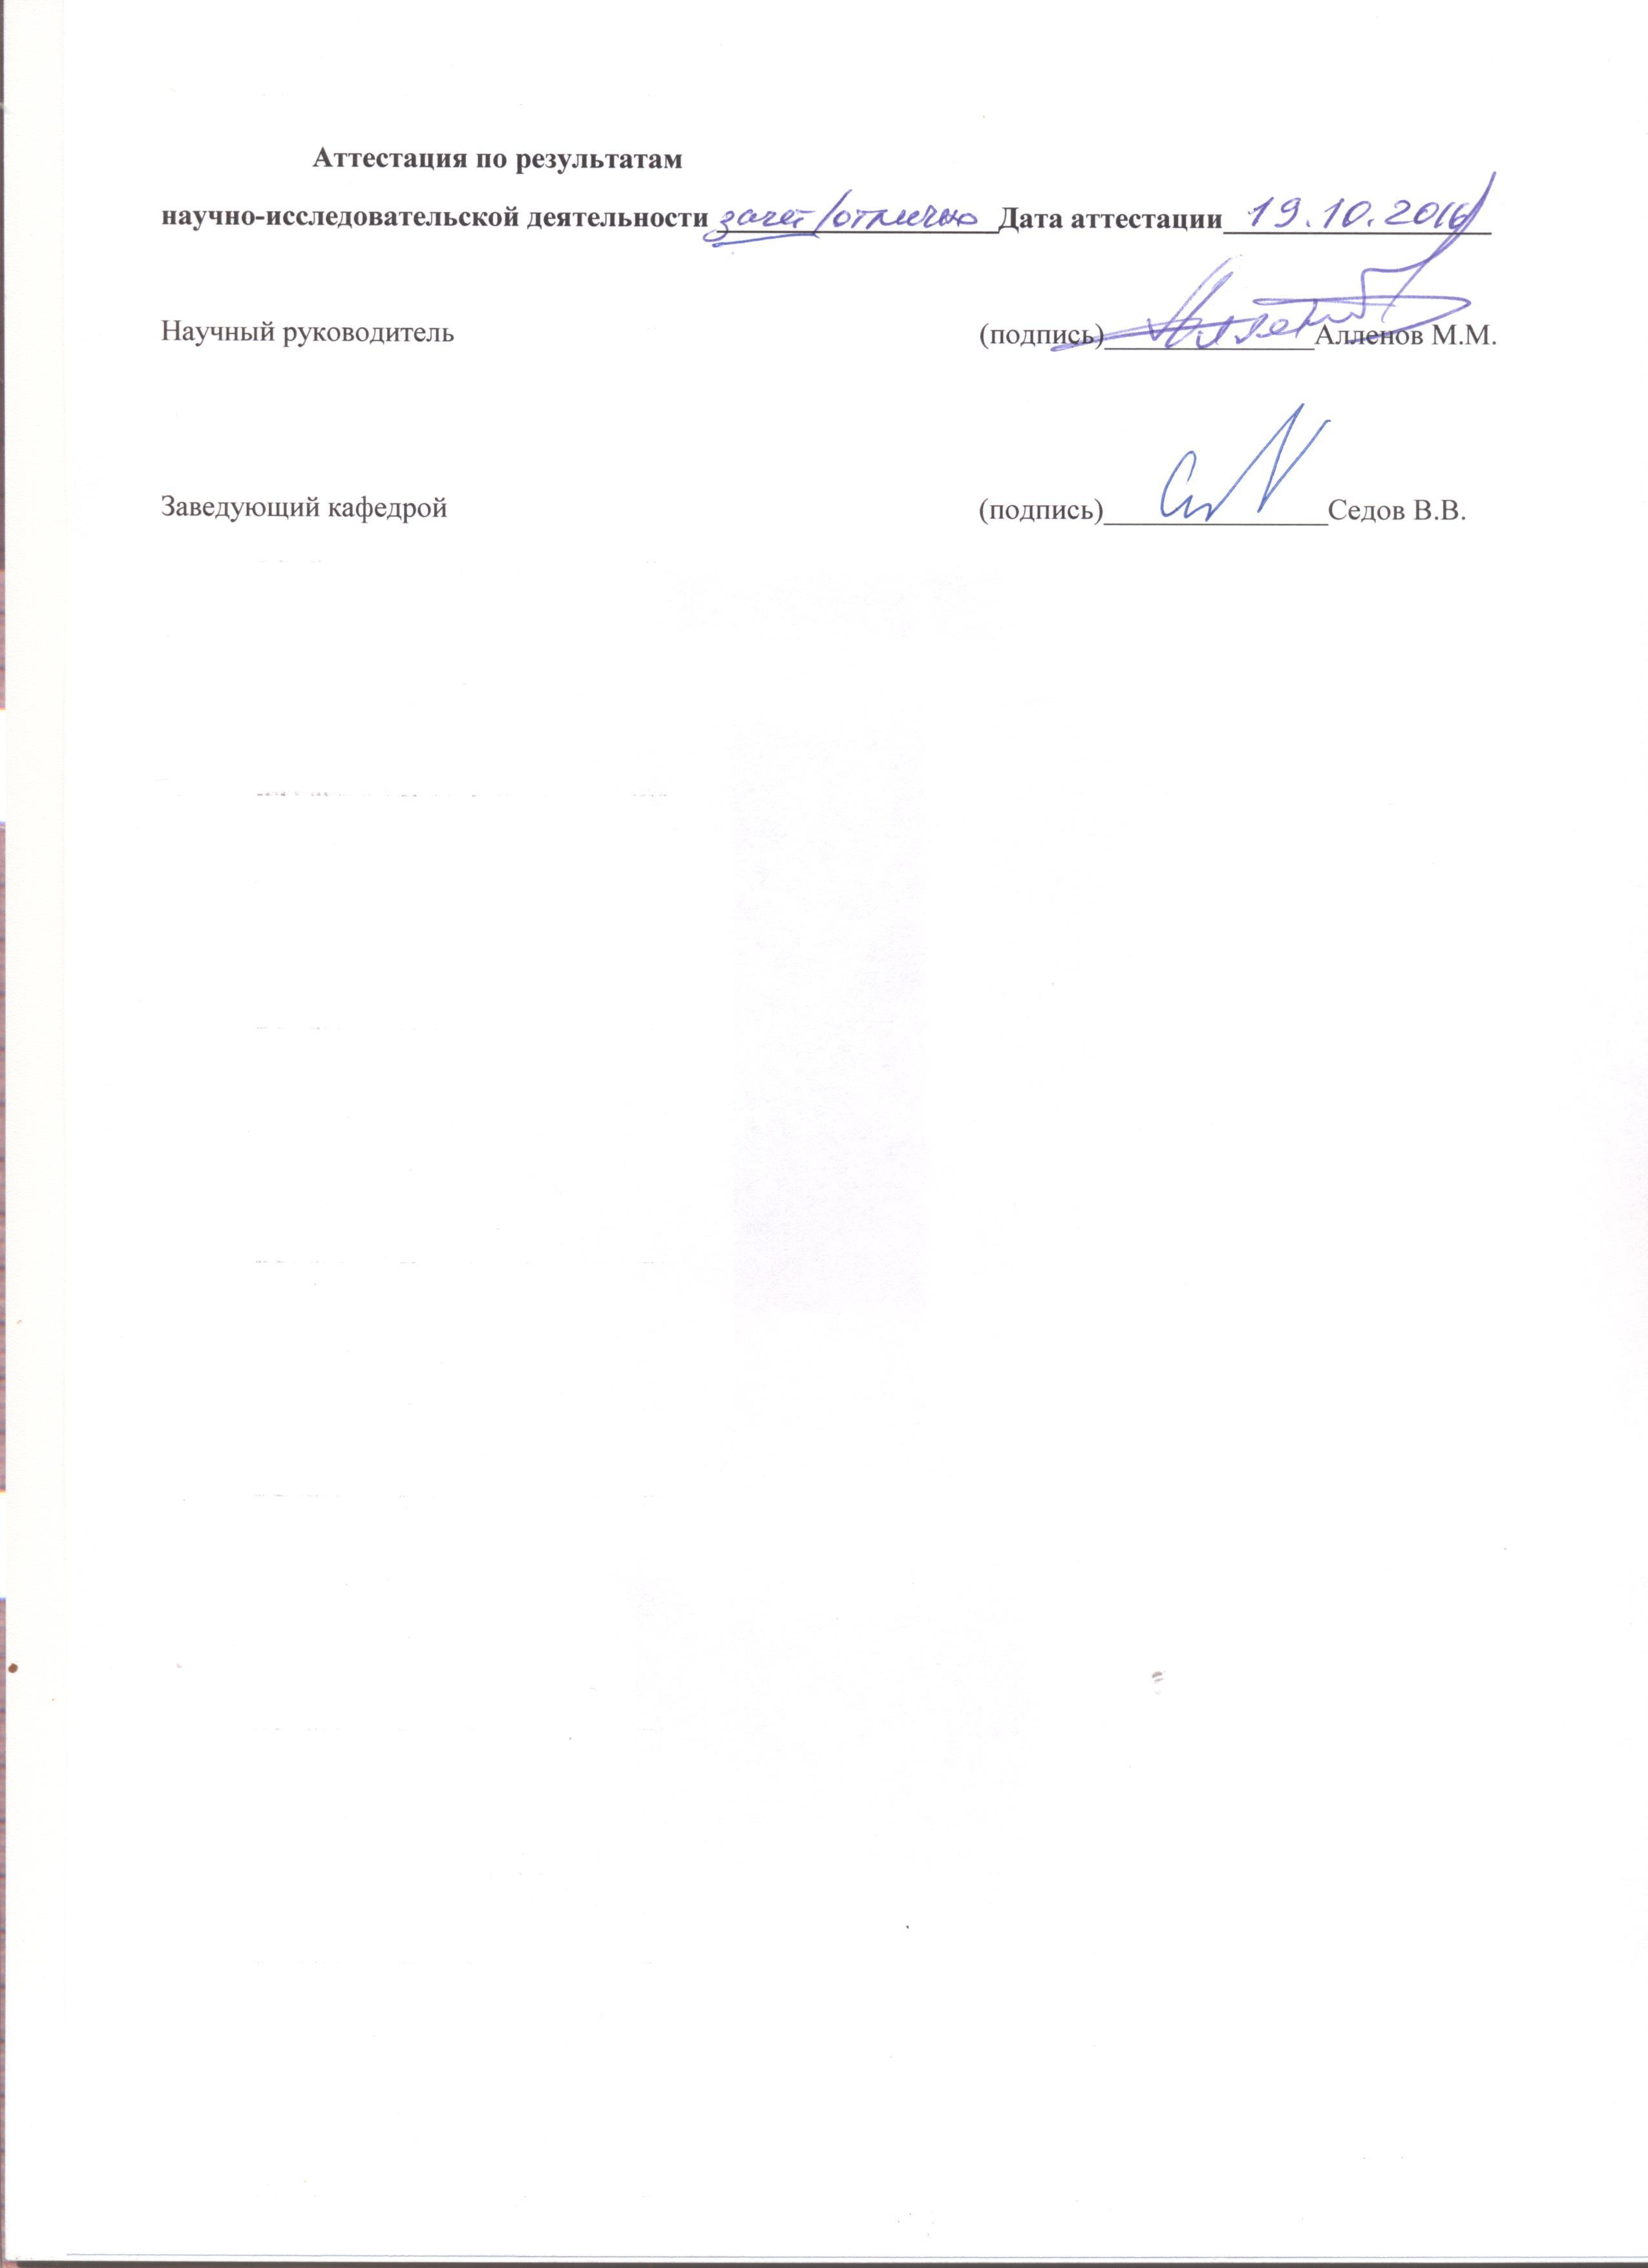 Харитонов Артур Владимирович пользователь сотрудник ИСТИНА  Отчет по научно исследовательской деятельности 2 2